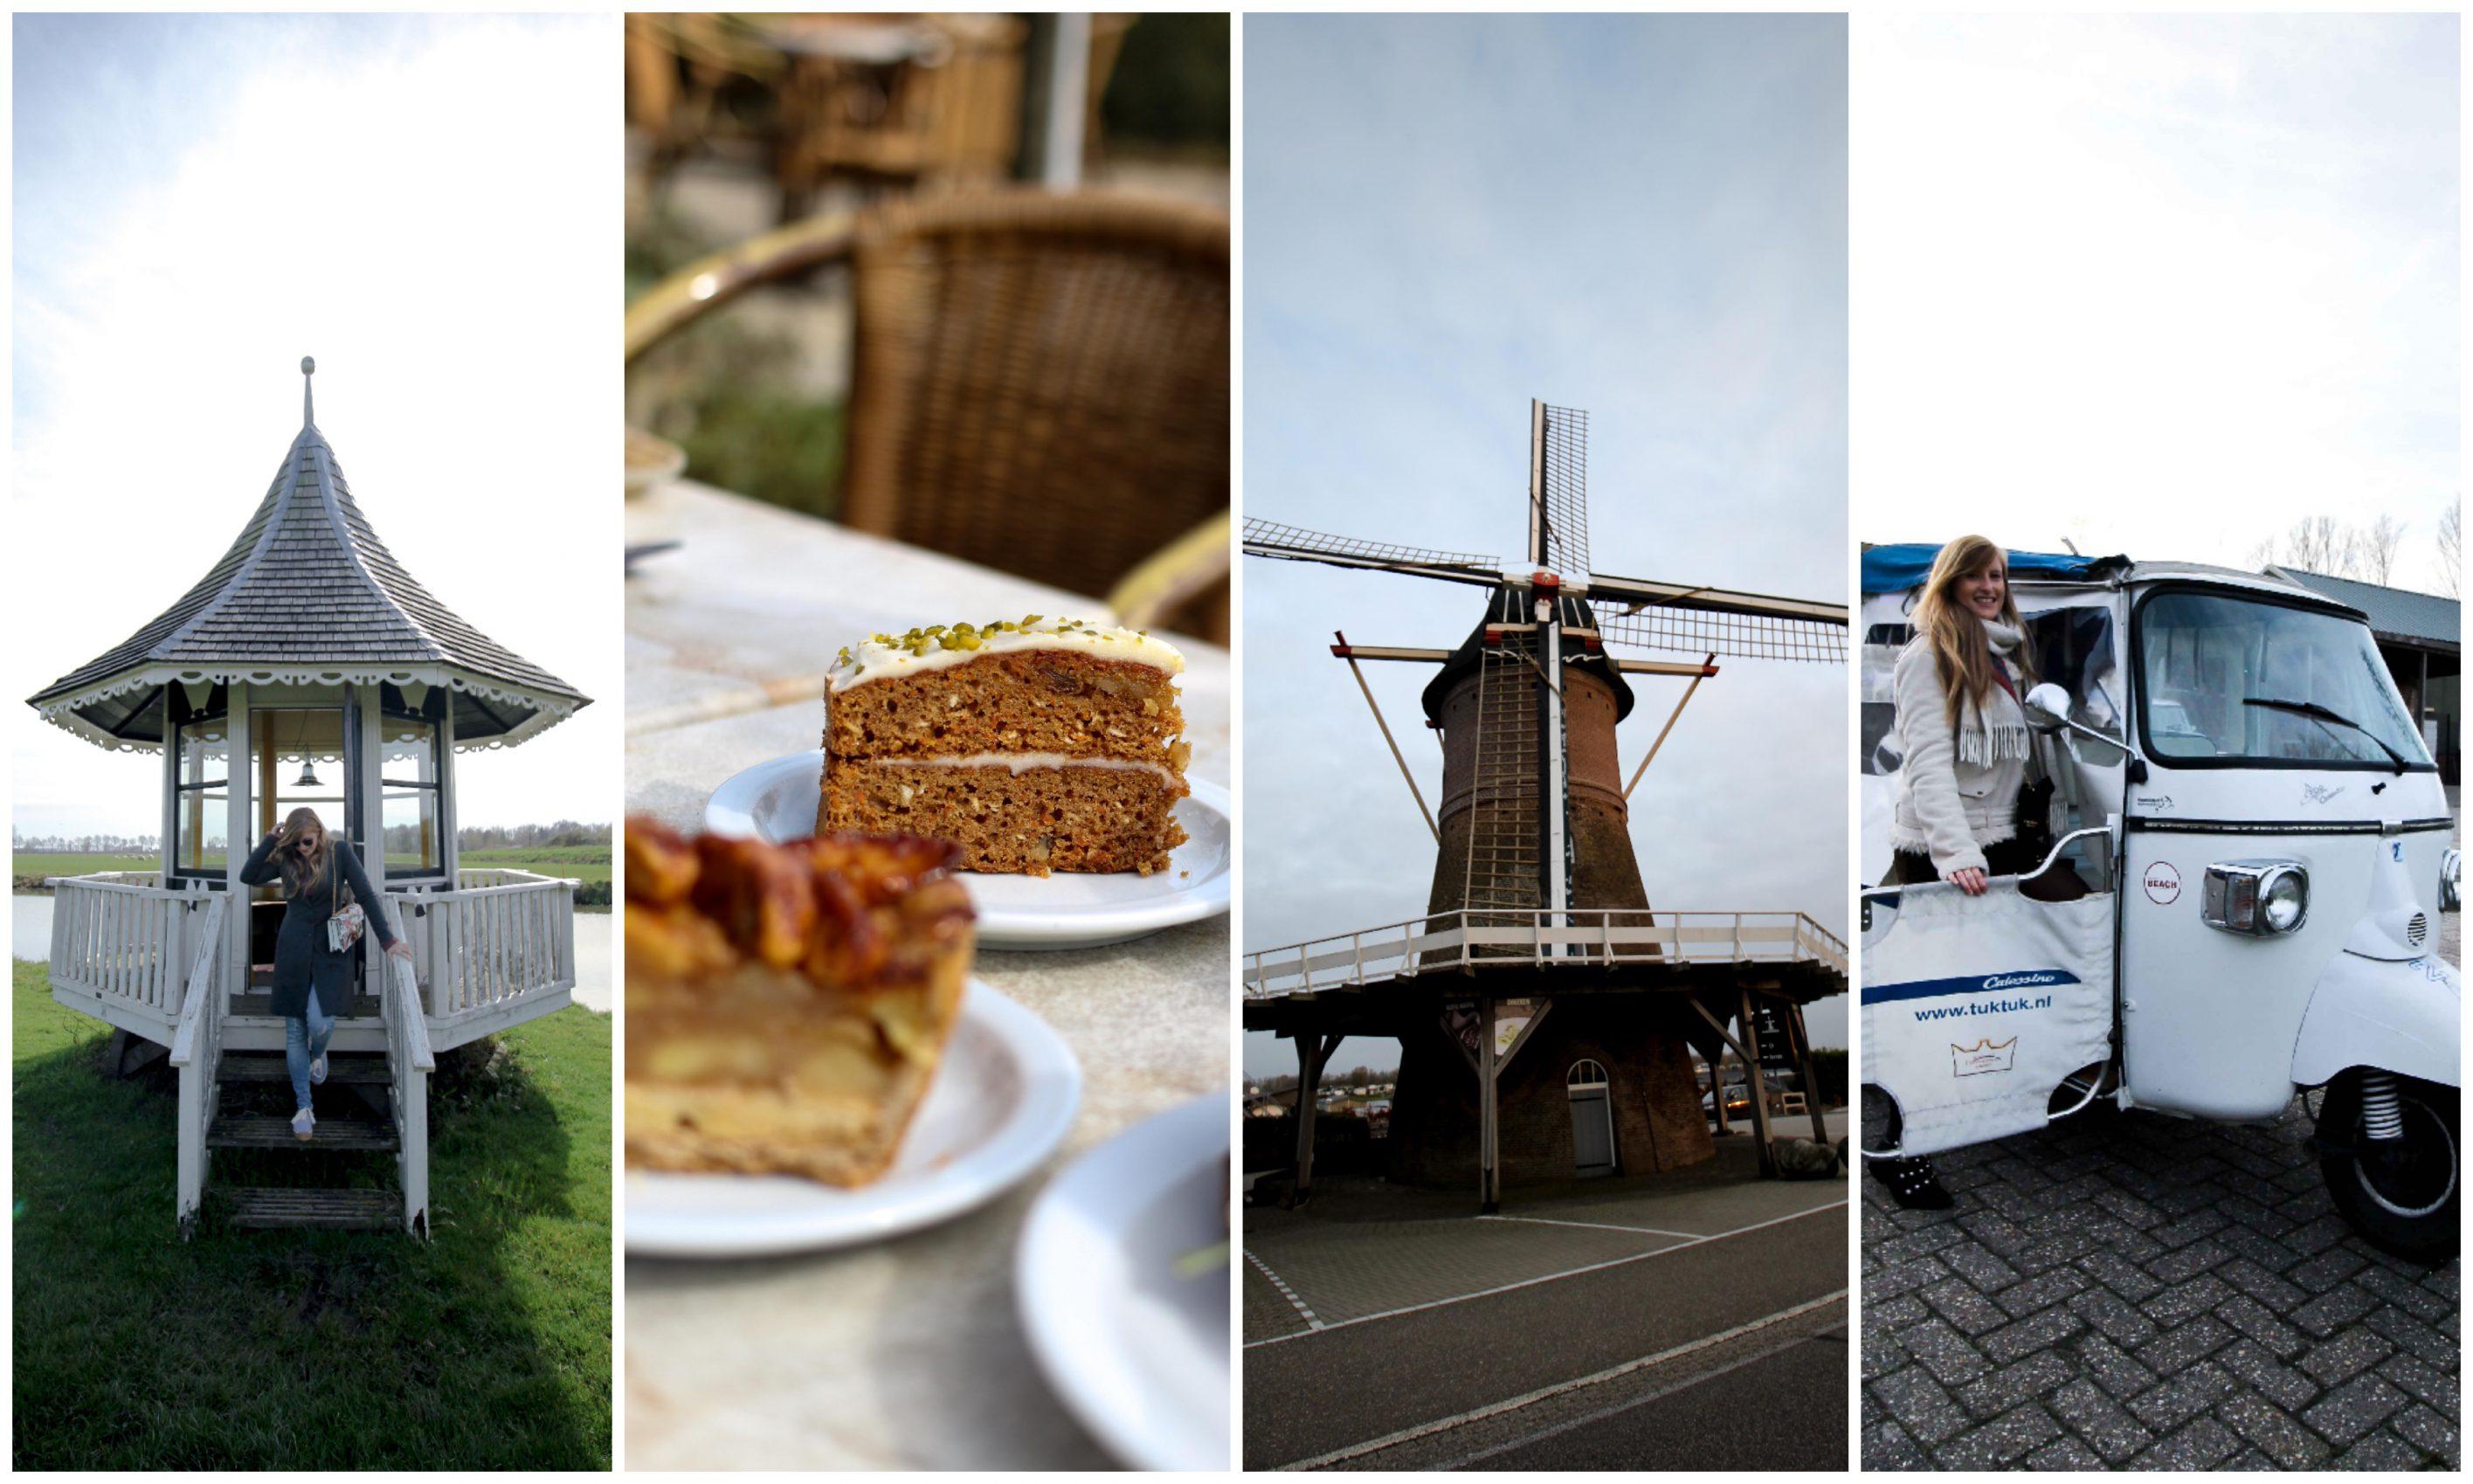 Holland Wochenendtrip Rivierenland Gelderland das andere Holland Reiseblog Ausflug von Deutschland Tipps